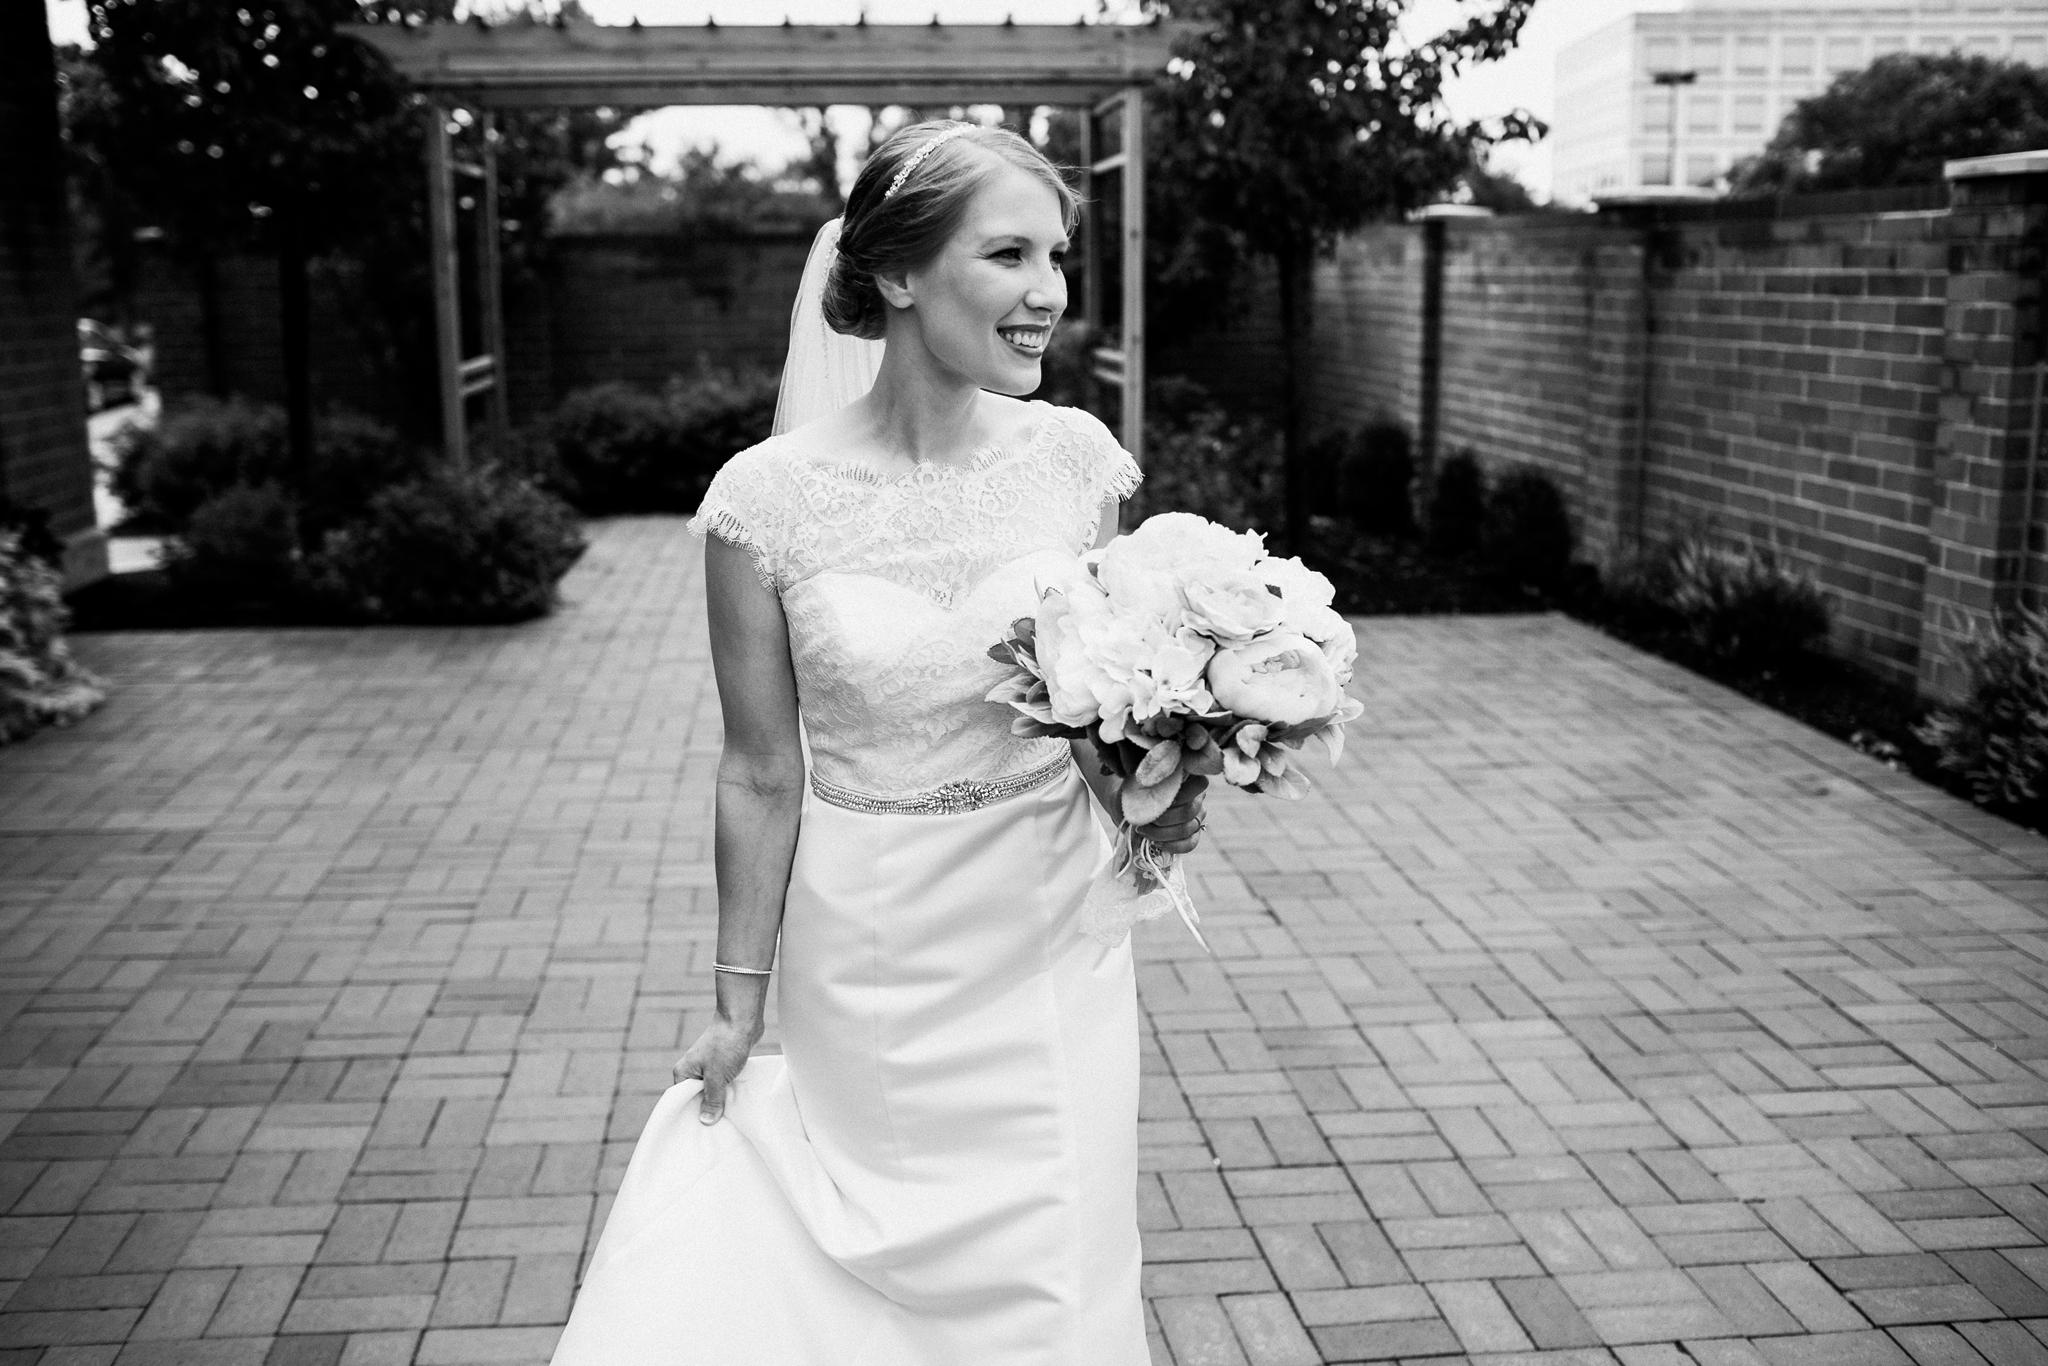 noahs_event_venue_naperville_IL_wedding_photographer_0040.jpg